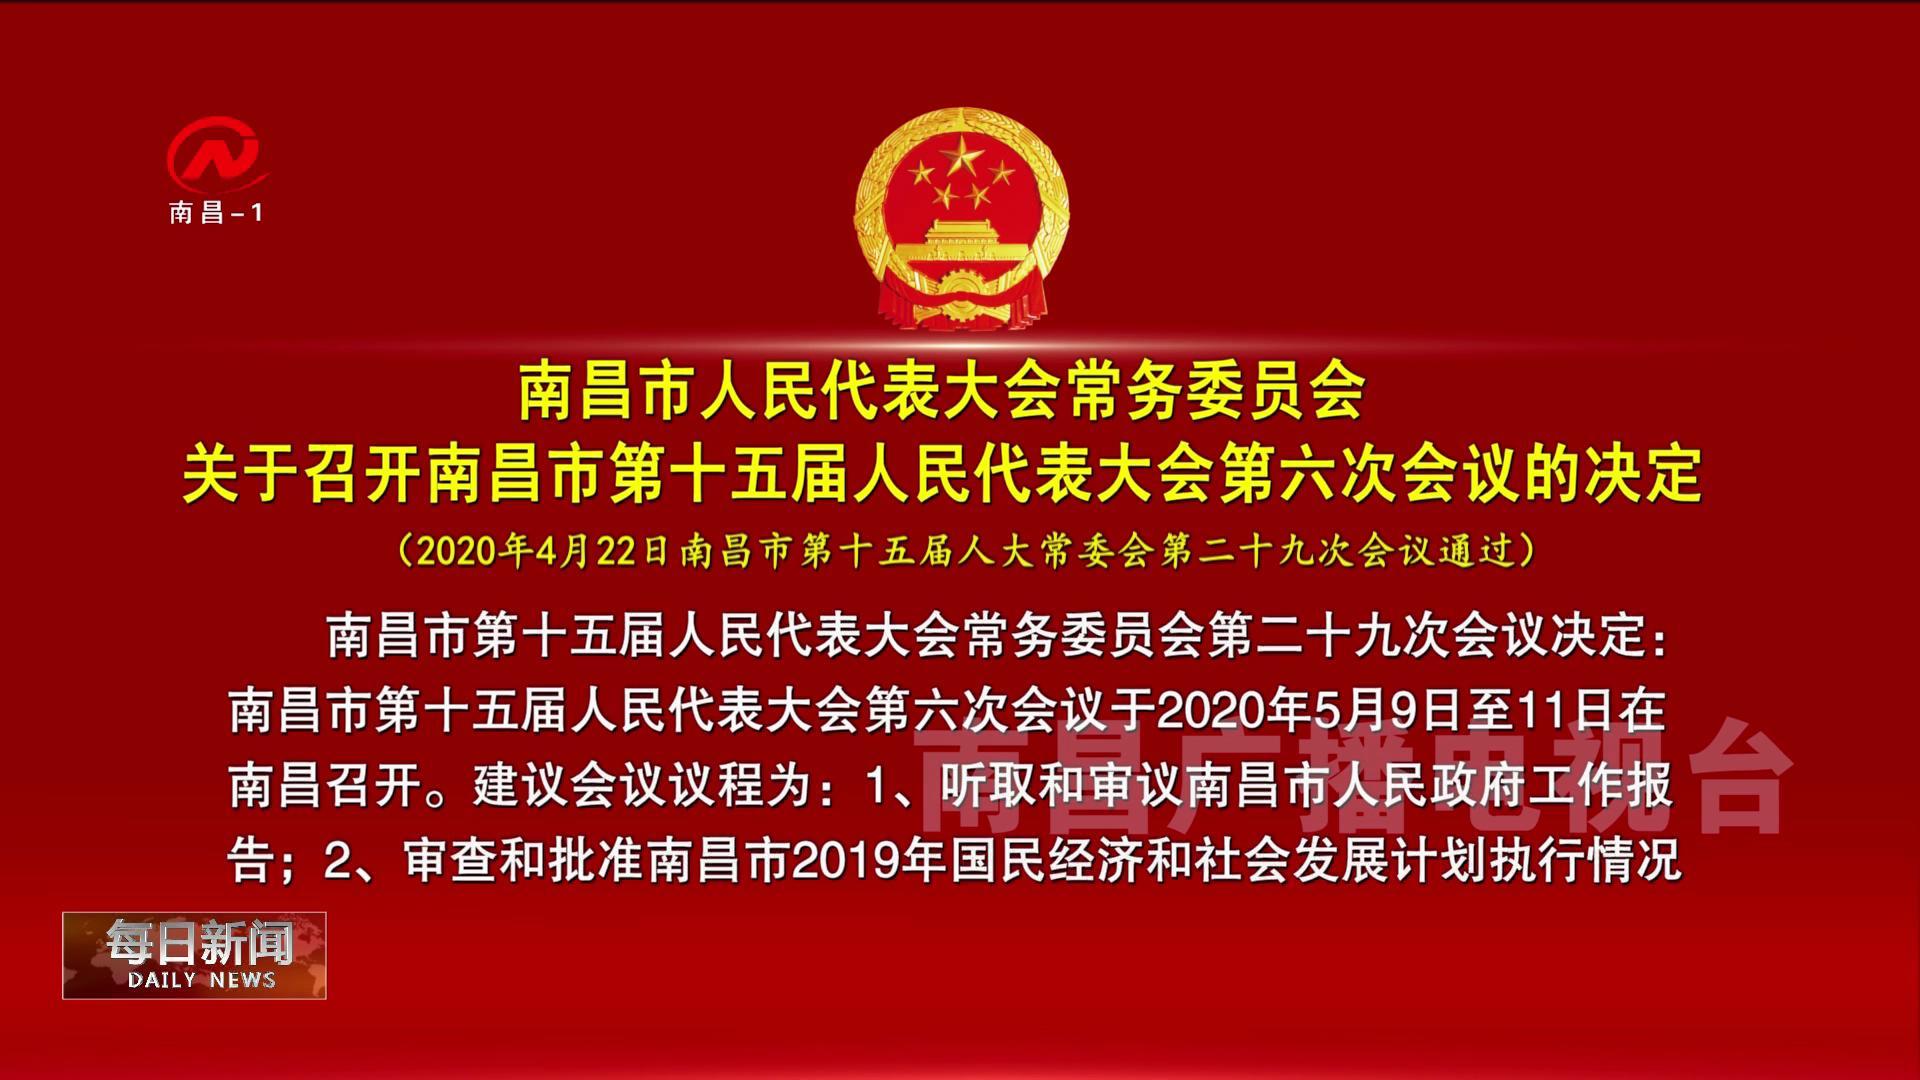 南昌市第十五届人民代表大会第六次会议的决定